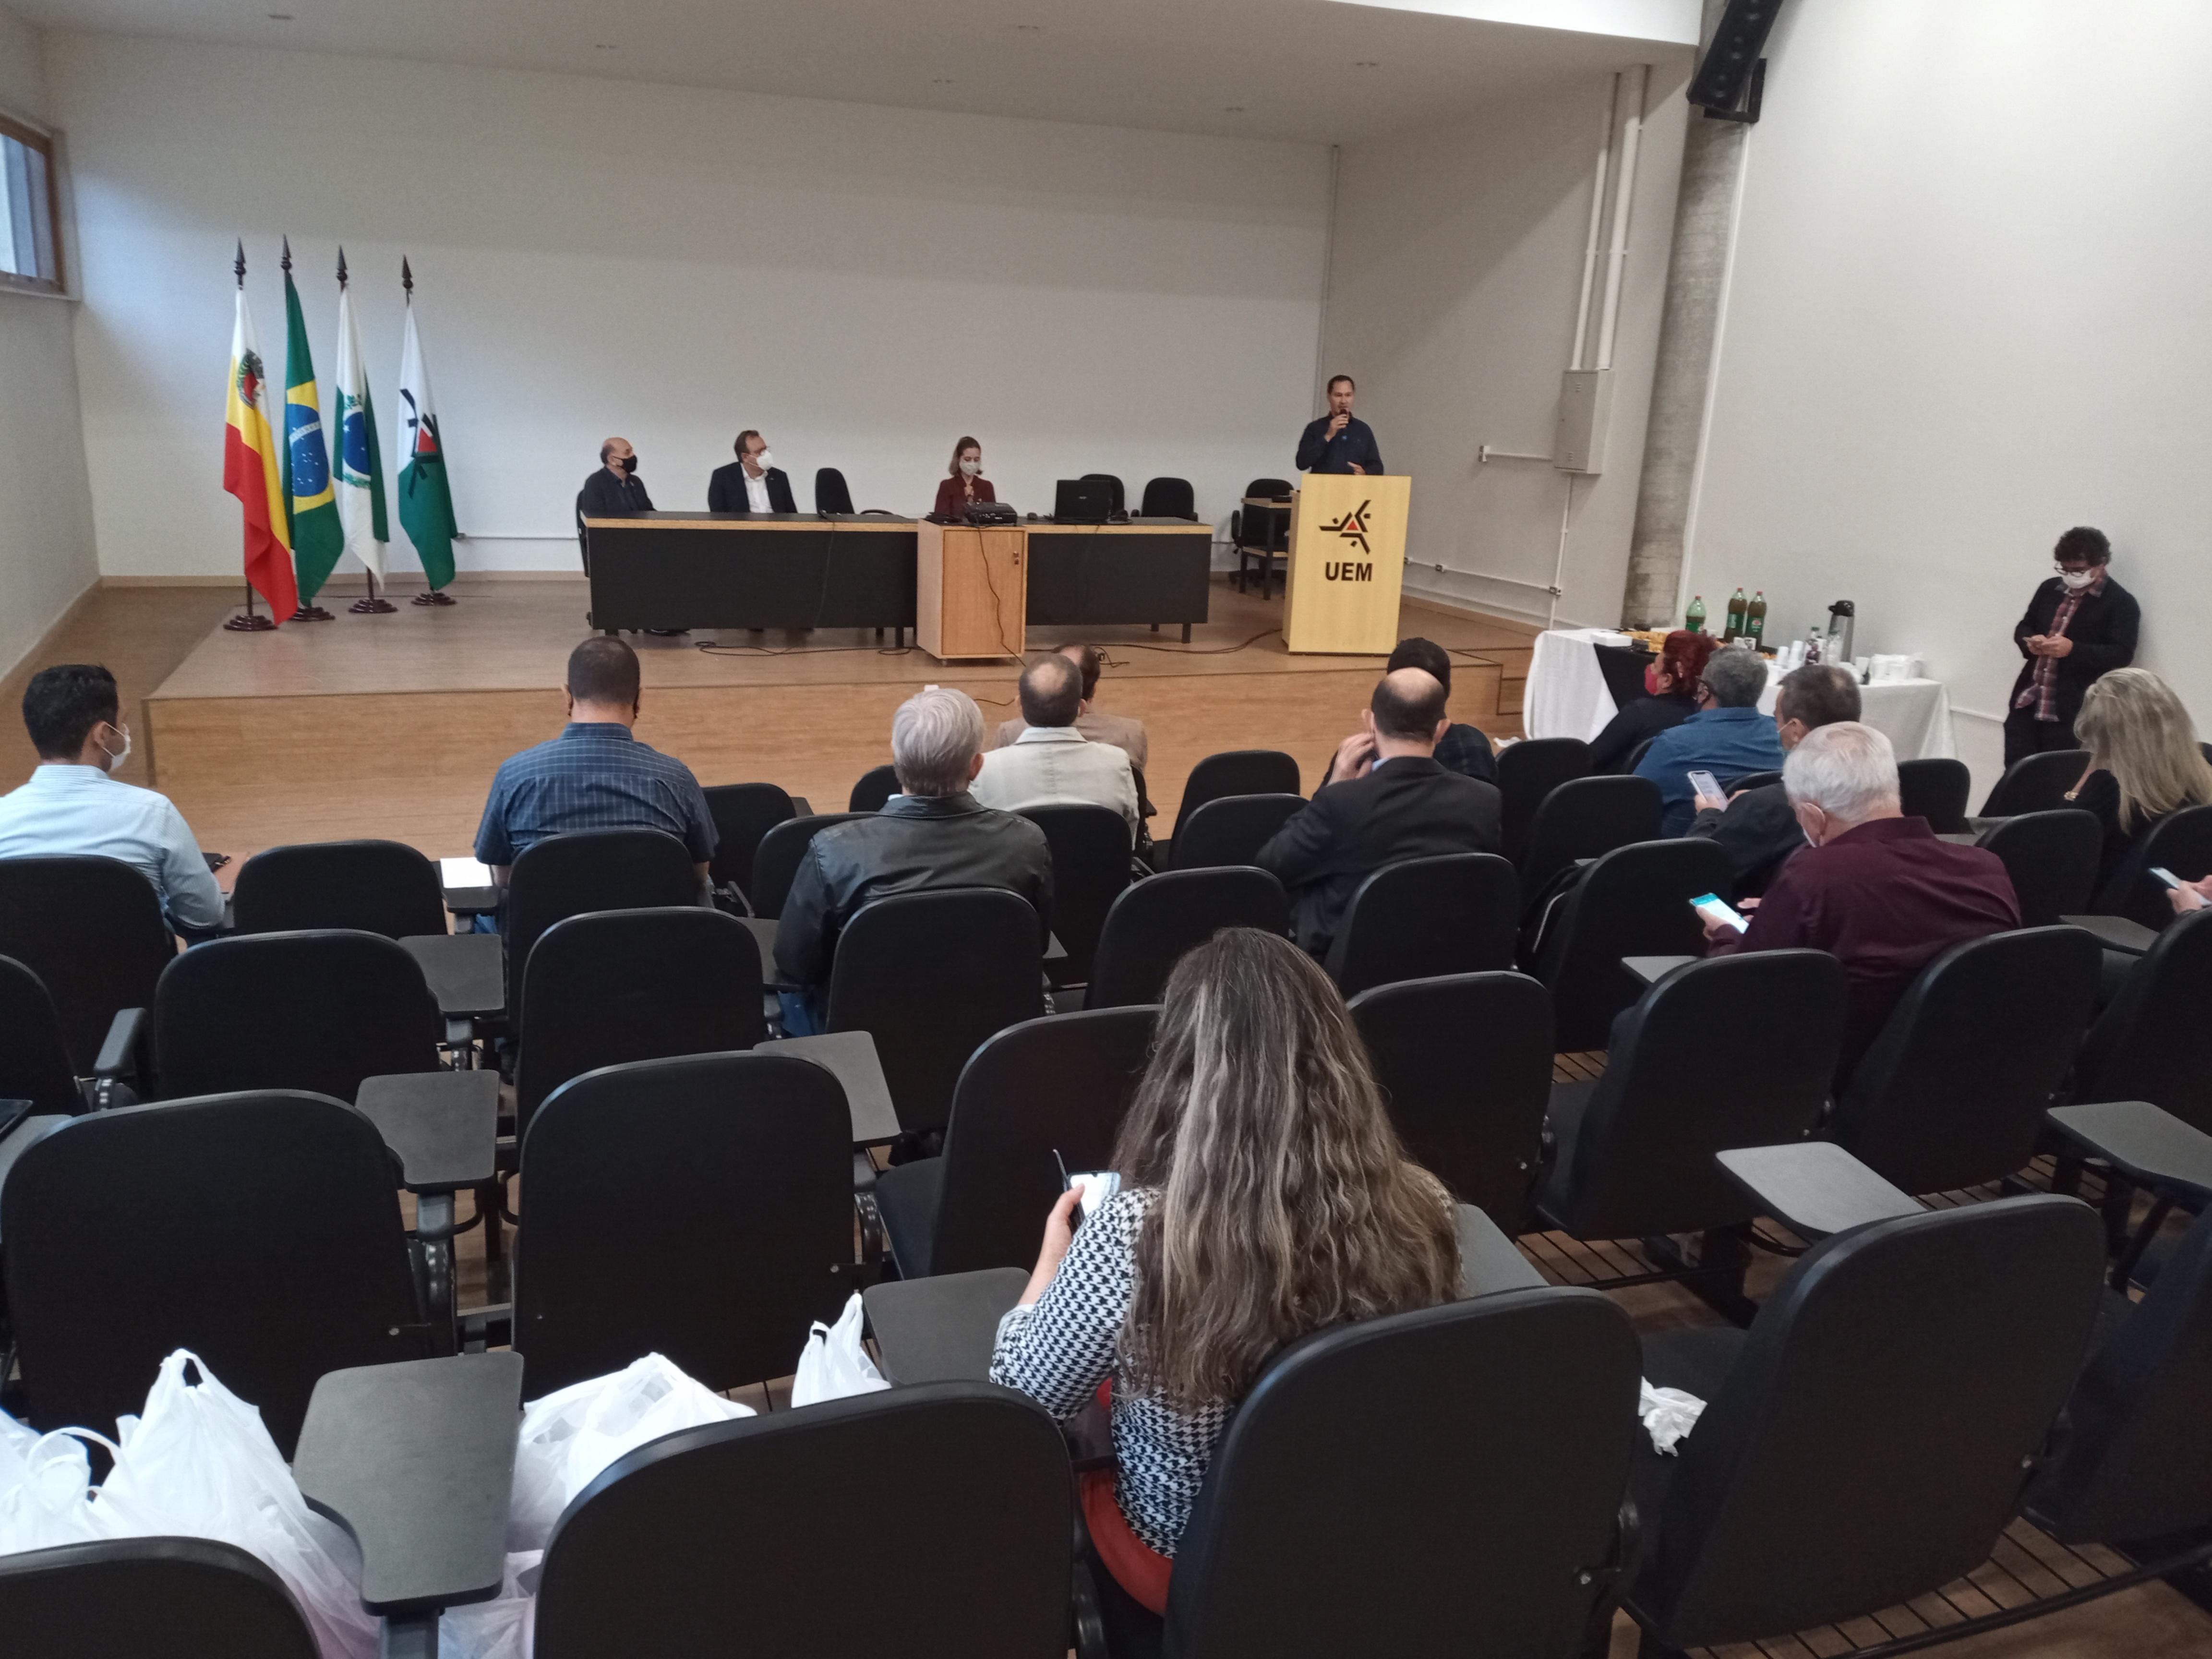 Relatório inicial do levantamento, que contempla informações de 14 municípios da região, foi apresentado nesta sexta-feira (15), durante reunião mensal da Associação